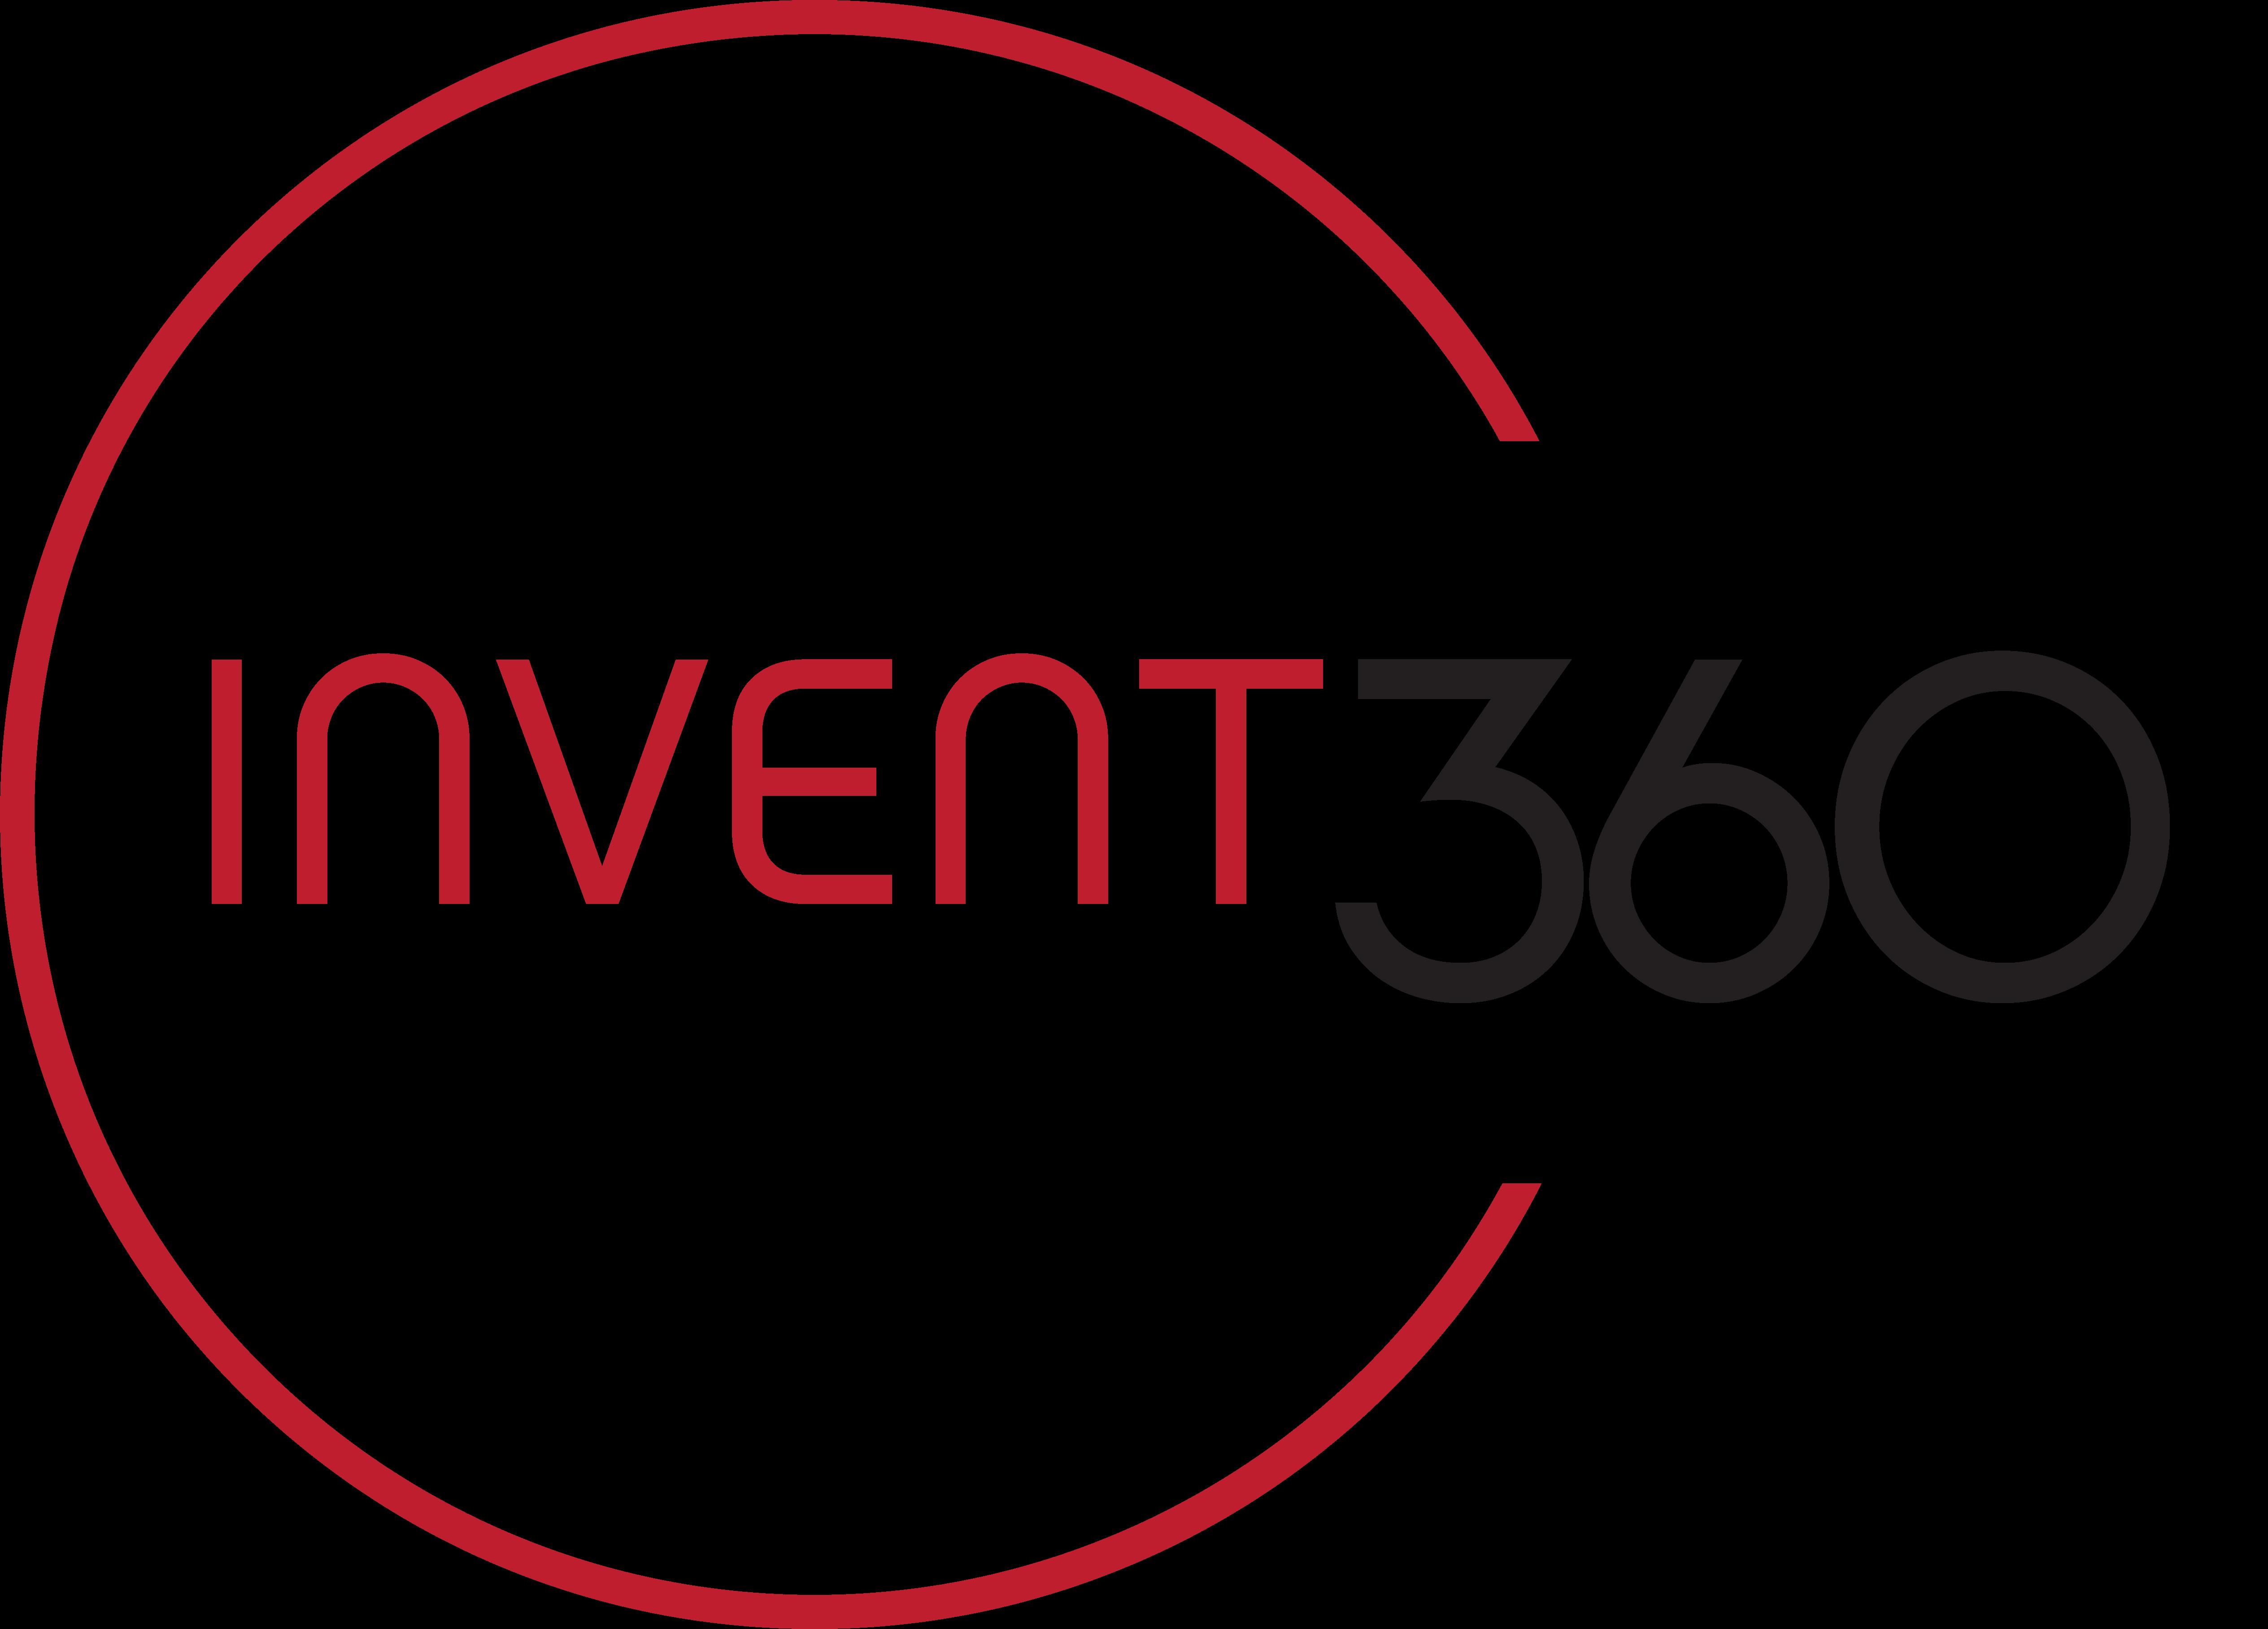 Invent360